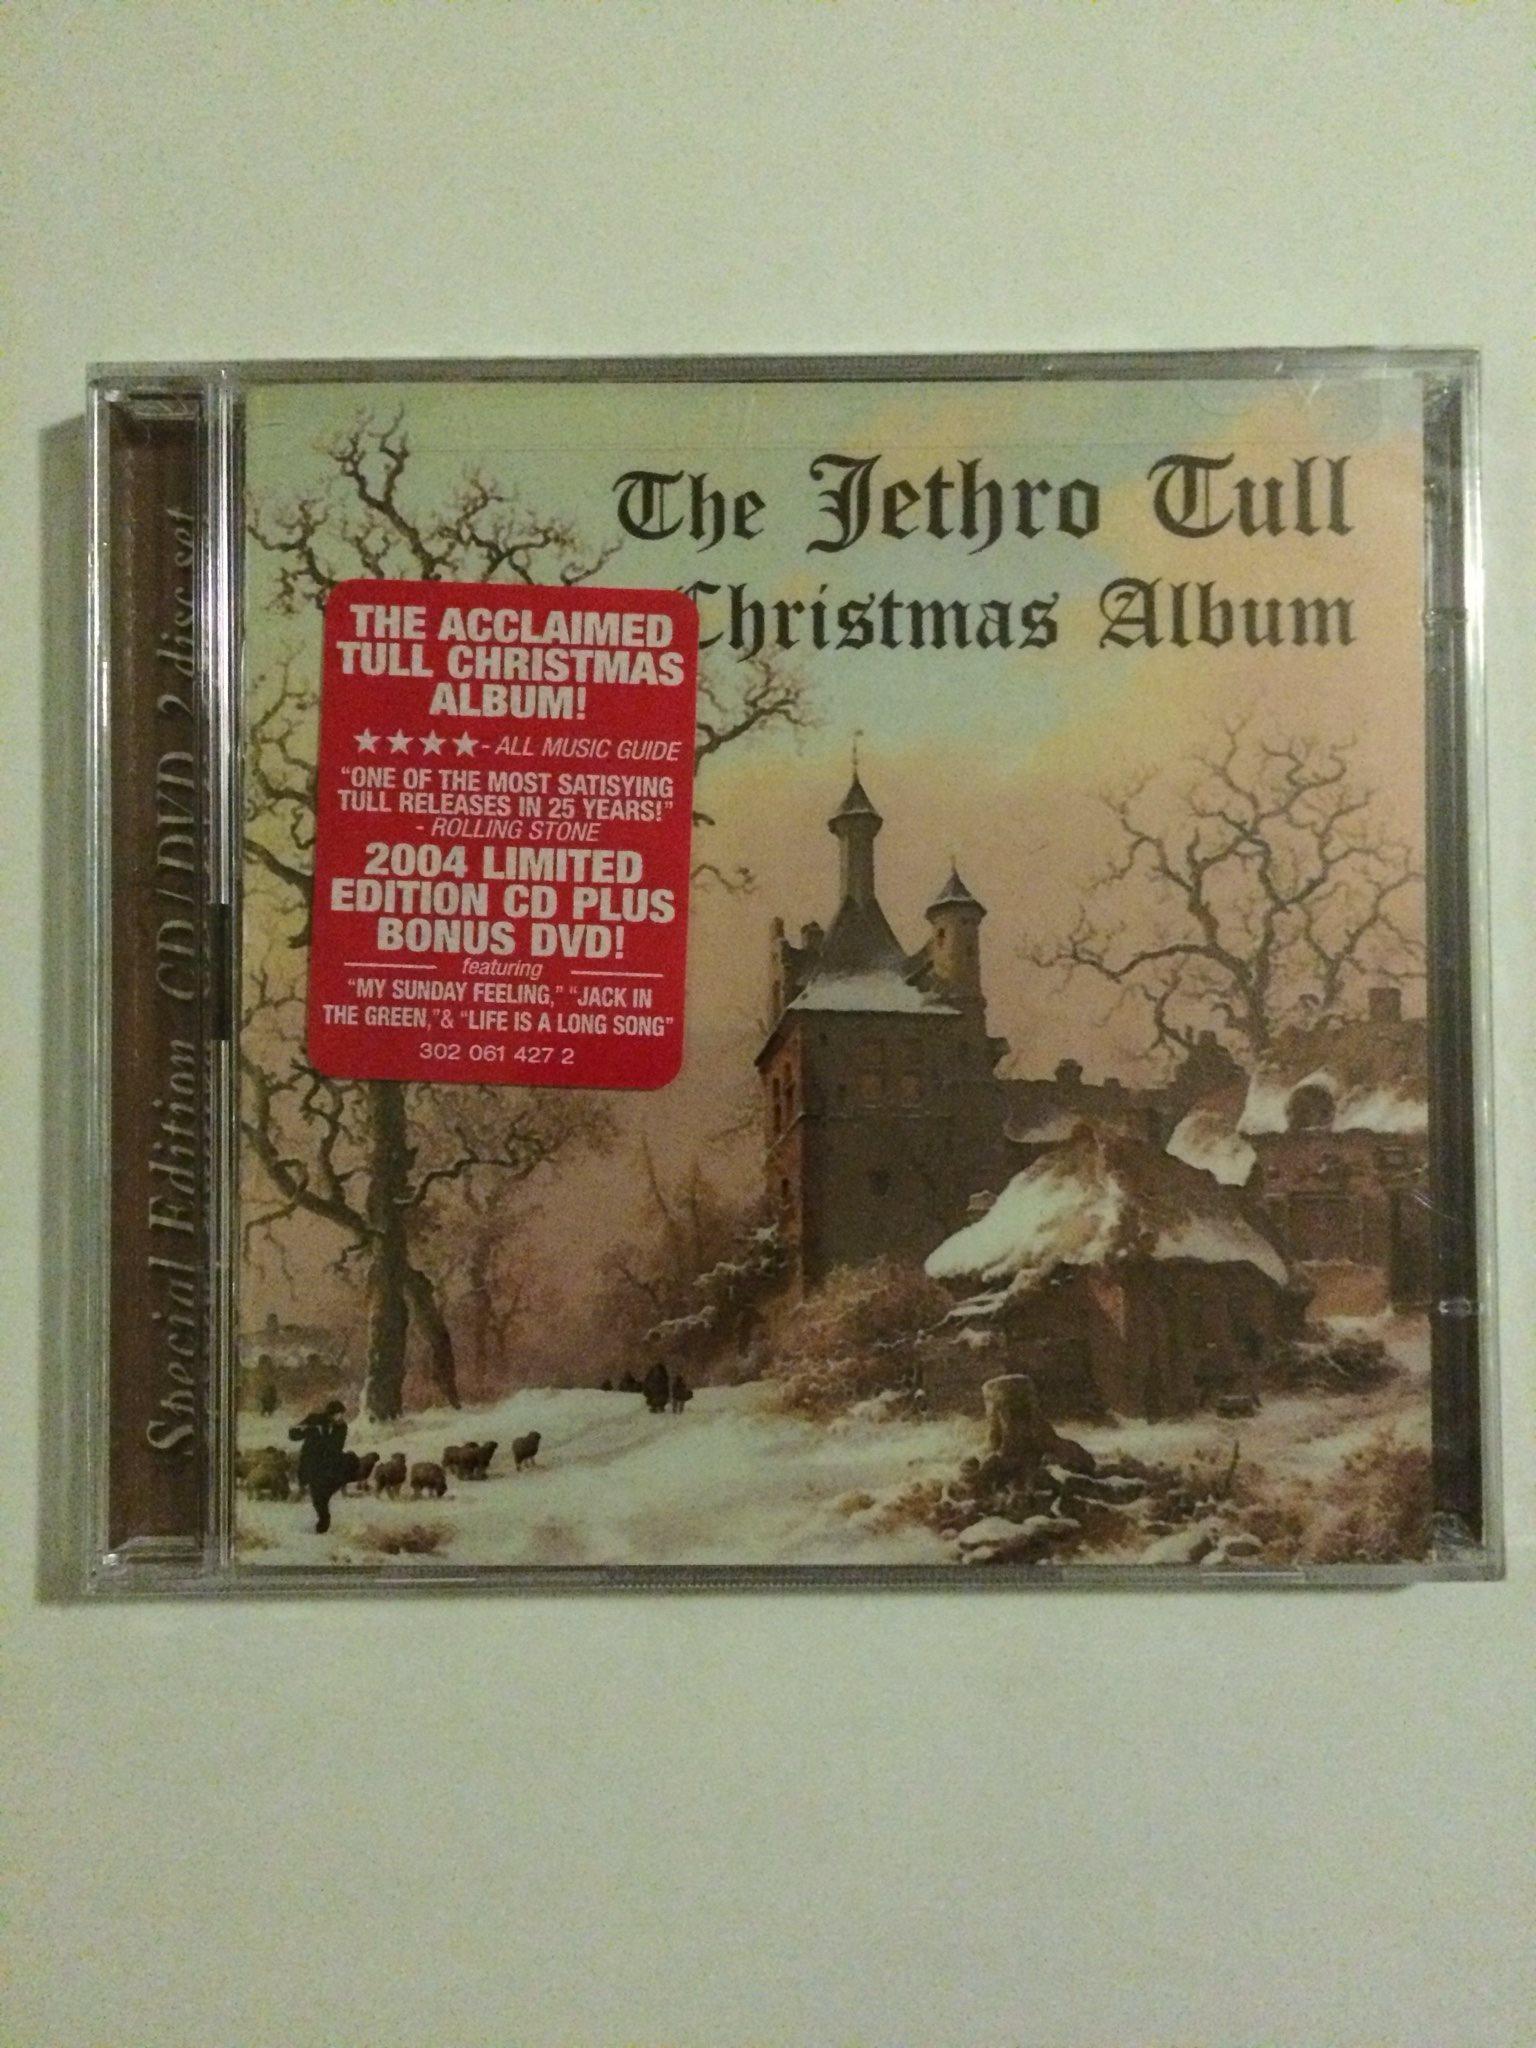 JETHRO TULL Christmas album CD/DVD 2DISC SET FUEL USA på Tradera.com -